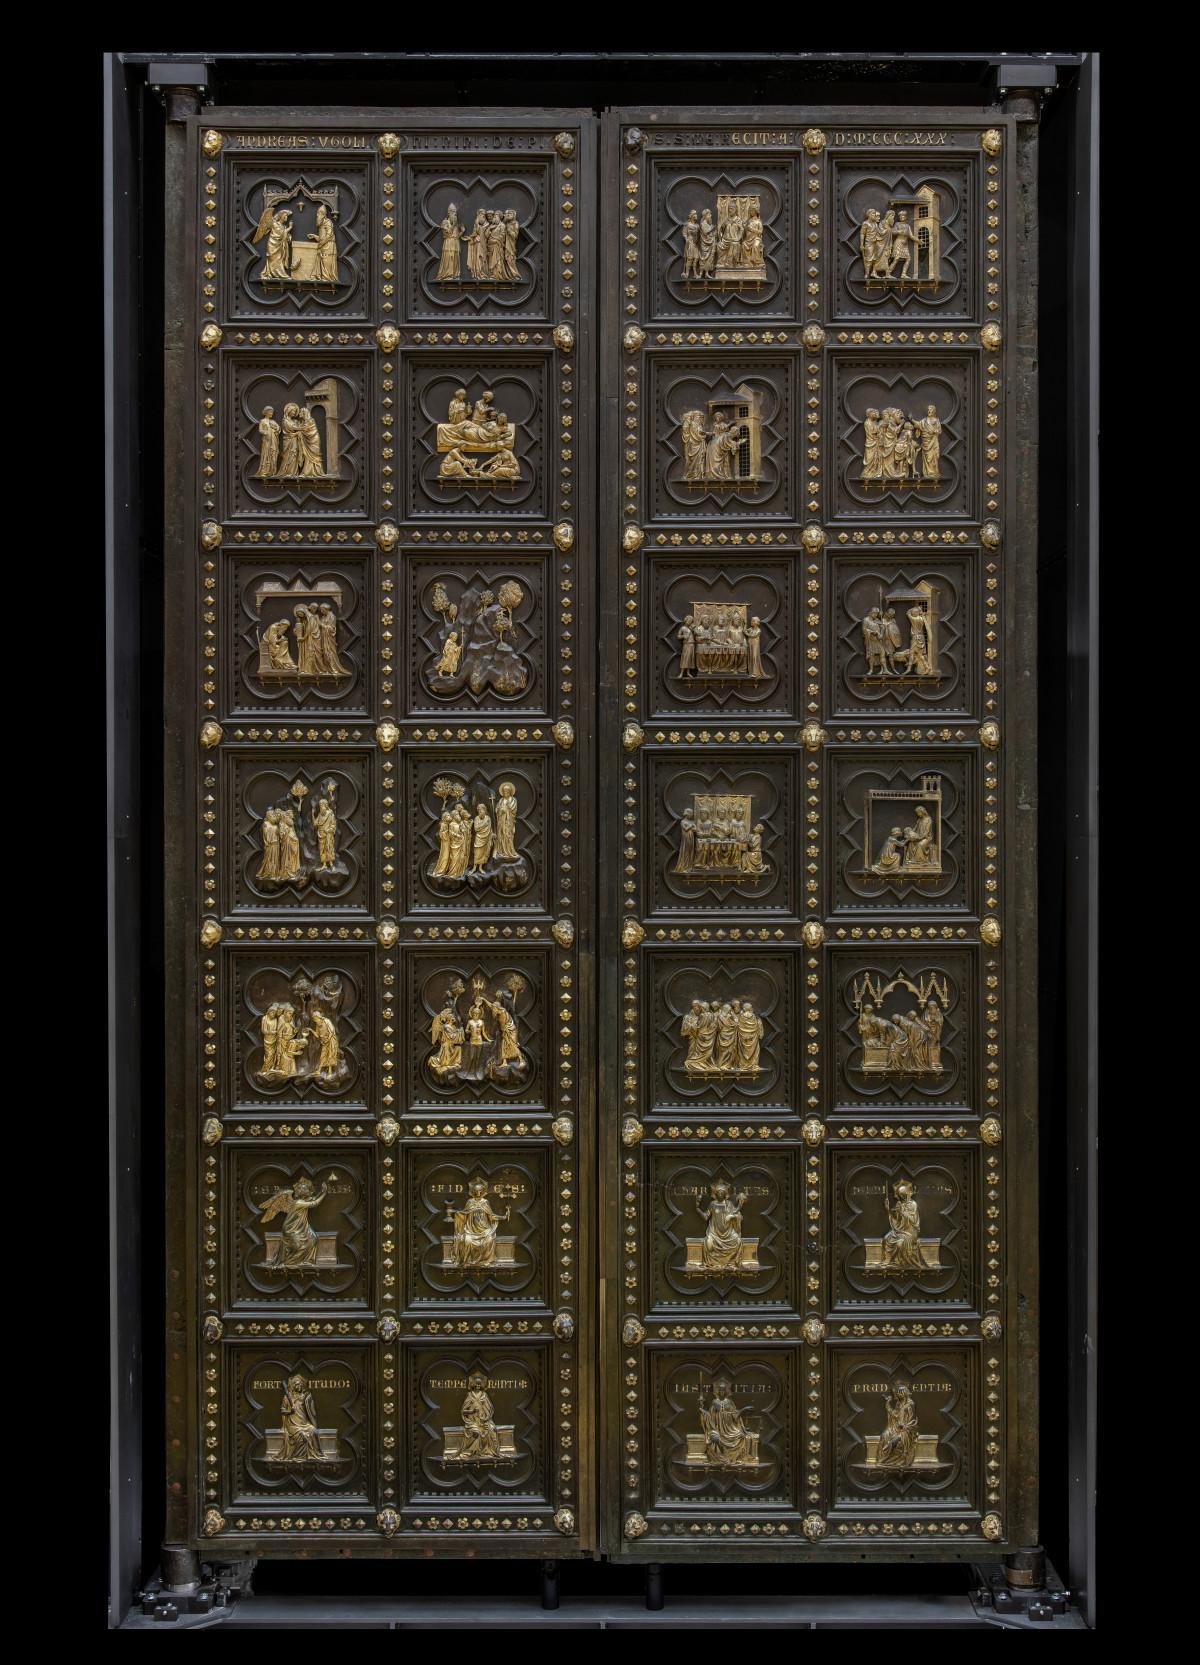 Andrea Pisano, Porta sud del Battistero di Firenze (1330-1336; bronzo dorato, 490 x 280 cm; Firenze, Museo del Duomo)